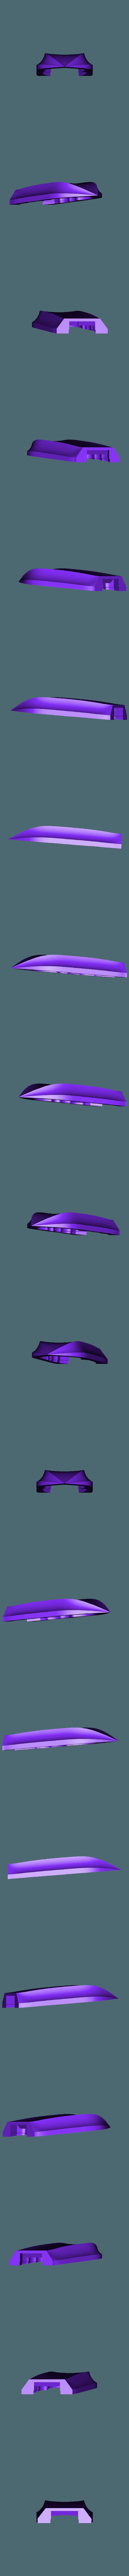 3_speedboat_vase_mode.stl Télécharger fichier STL gratuit mini Wind-Up Boat Dual Drive - sans vis - impression complète en 3d • Plan imprimable en 3D, GreenDot